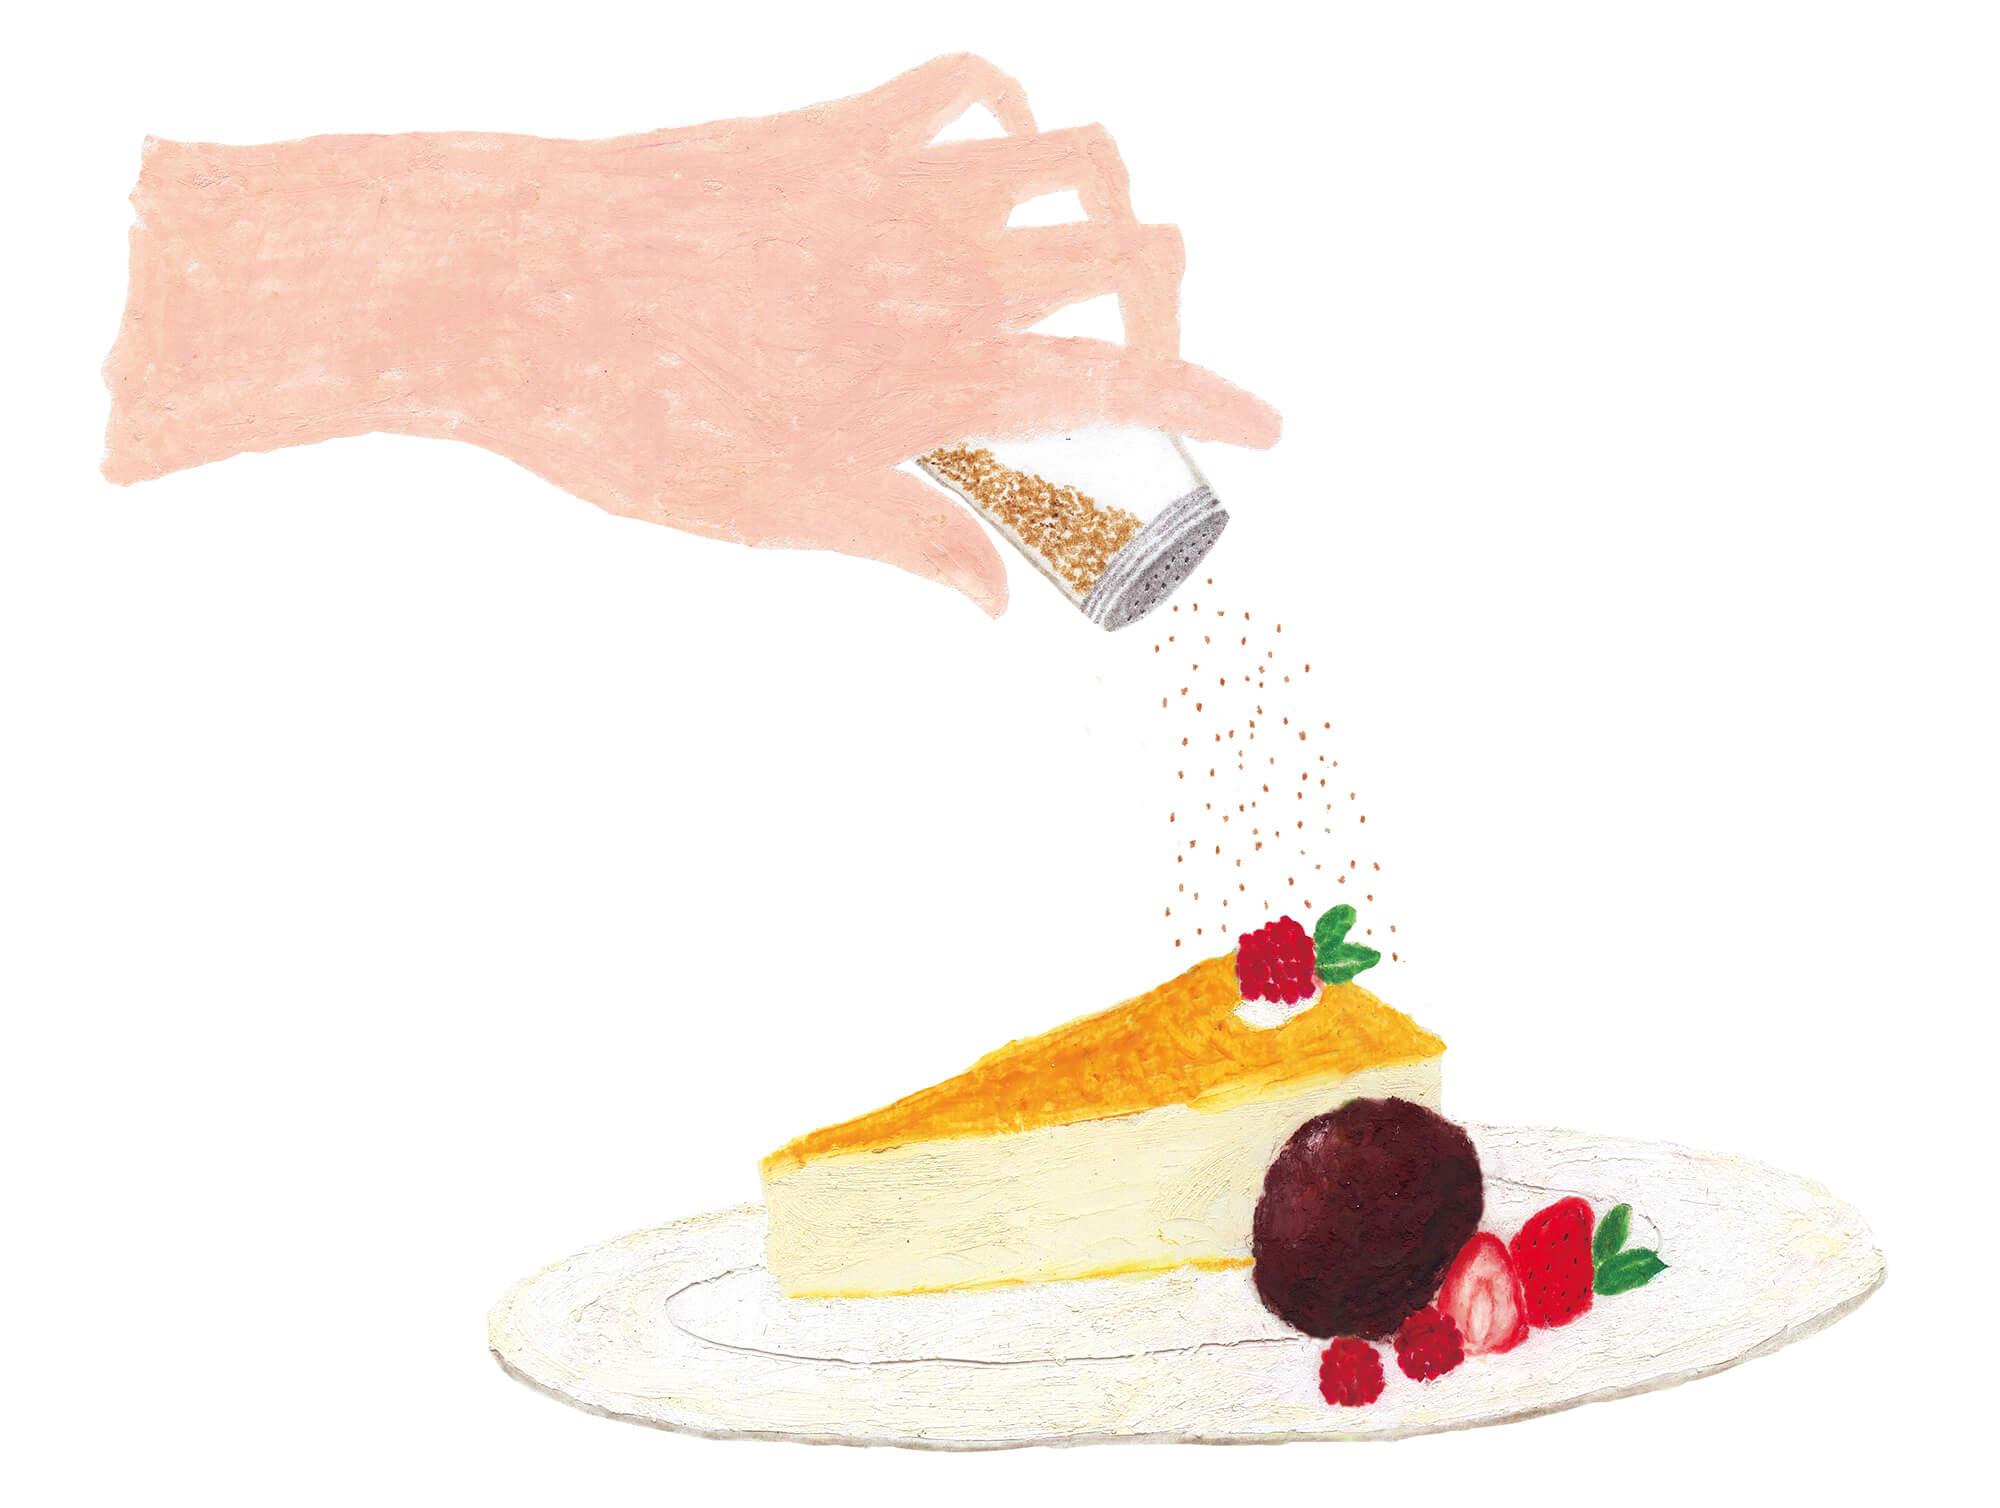 雑誌「VISA」イラストカット 2020年「チーズケーキ&ナツメグ、チョコアイス&ナツメグ」